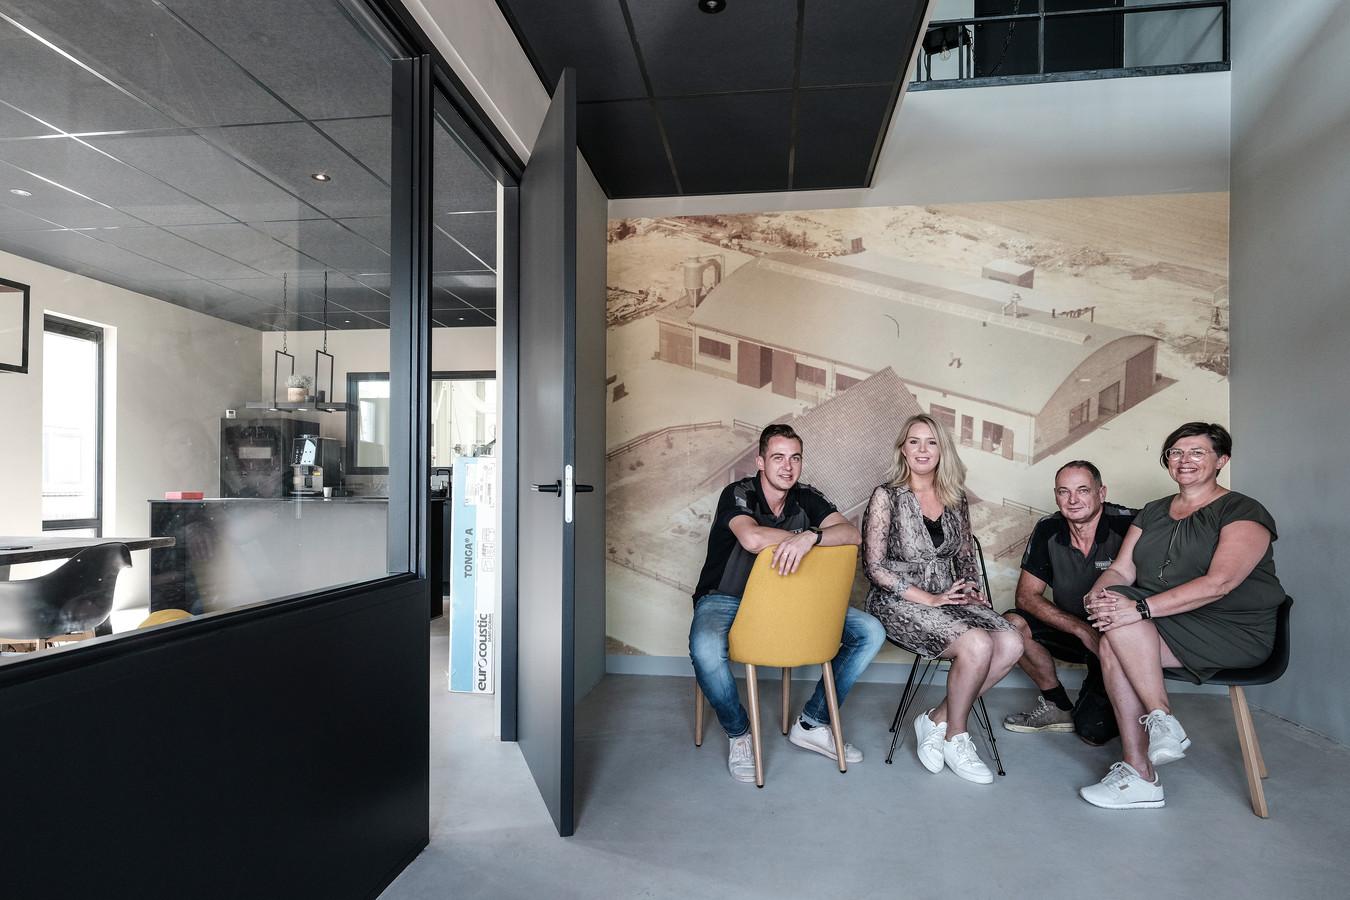 De familie Veenhuis in de nieuwe fabriek. Vlnr: Gerjan, Elise, Gerben en Jeanette. Foto: Jan Ruland van den Brink